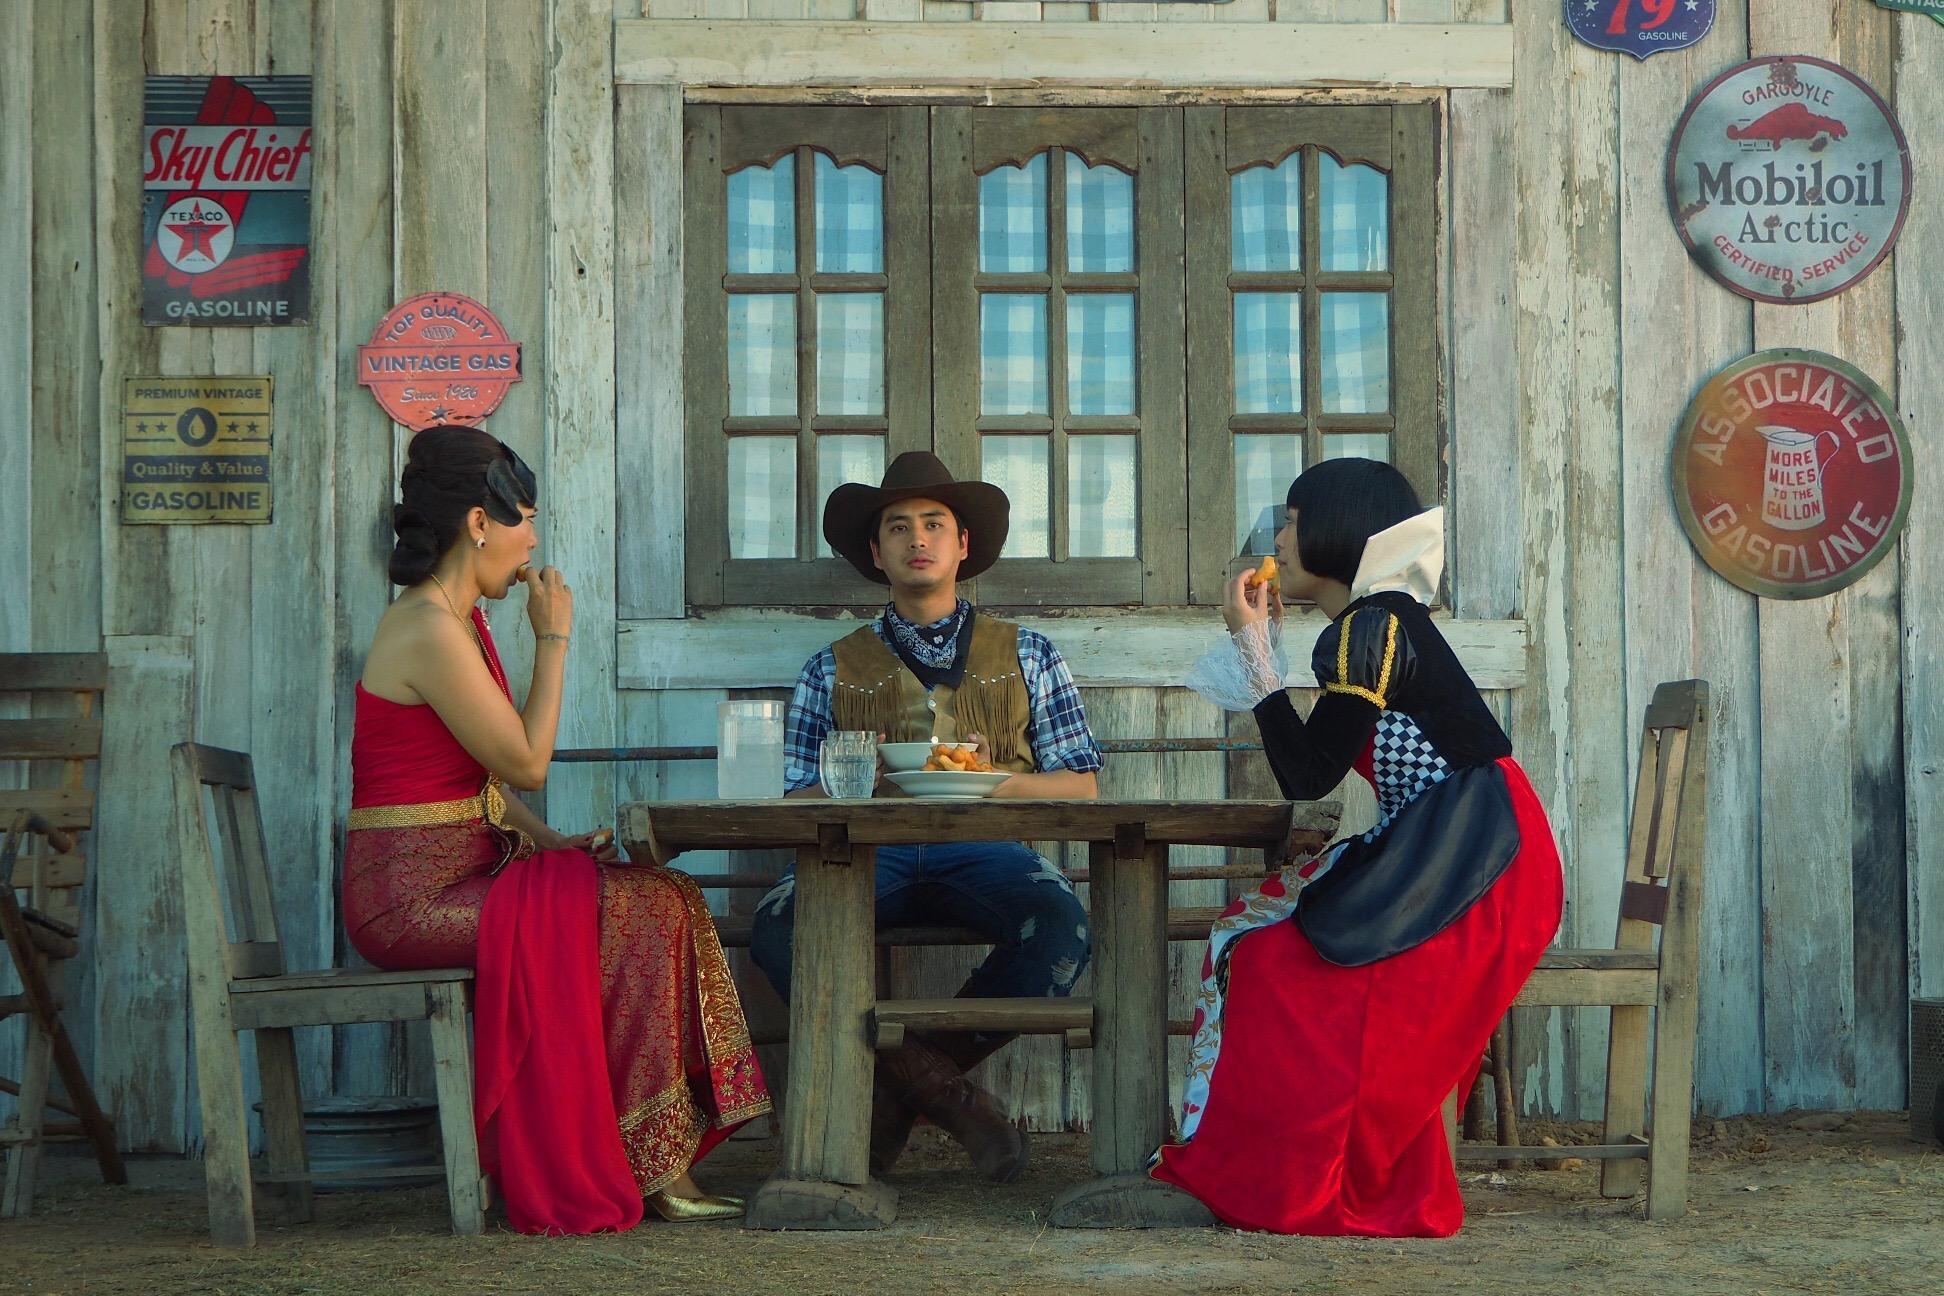 """งานใหม่ของผู้กำกับ """"กอล์ฟ ธัญญ์วาริน""""ได้รับเลือกเข้าฉายในเทศกาลภาพยนตร์นานาชาติปูซาน""""ปั๊มน้ำมัน A Gas Station"""" พร้อมฉาย 8 ธันวาคมนี้"""